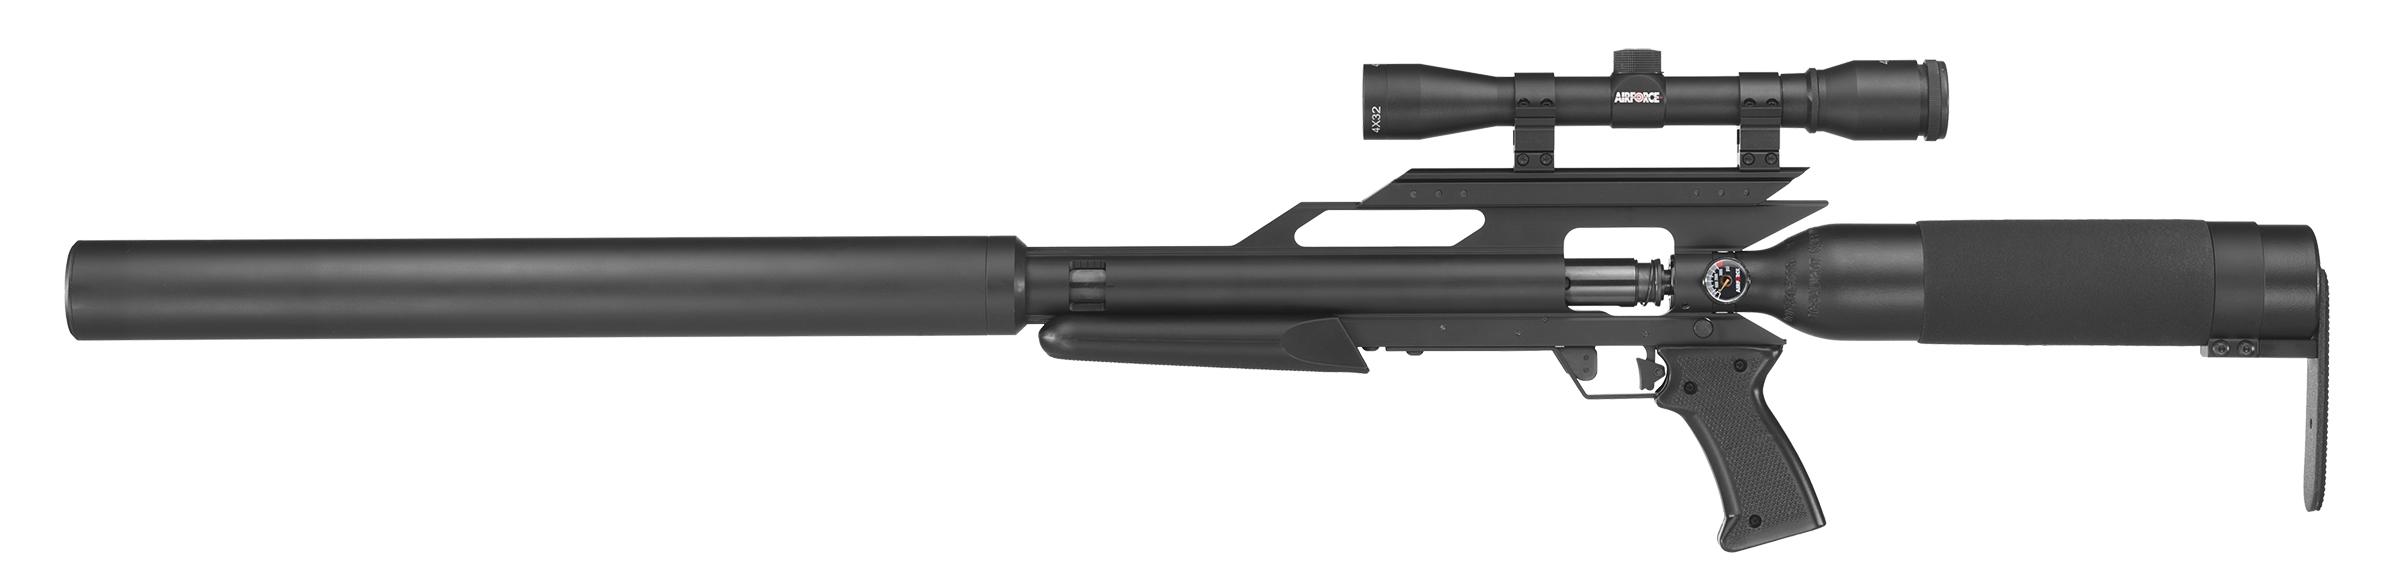 AIRFORCE PCP Rifle Texan SS